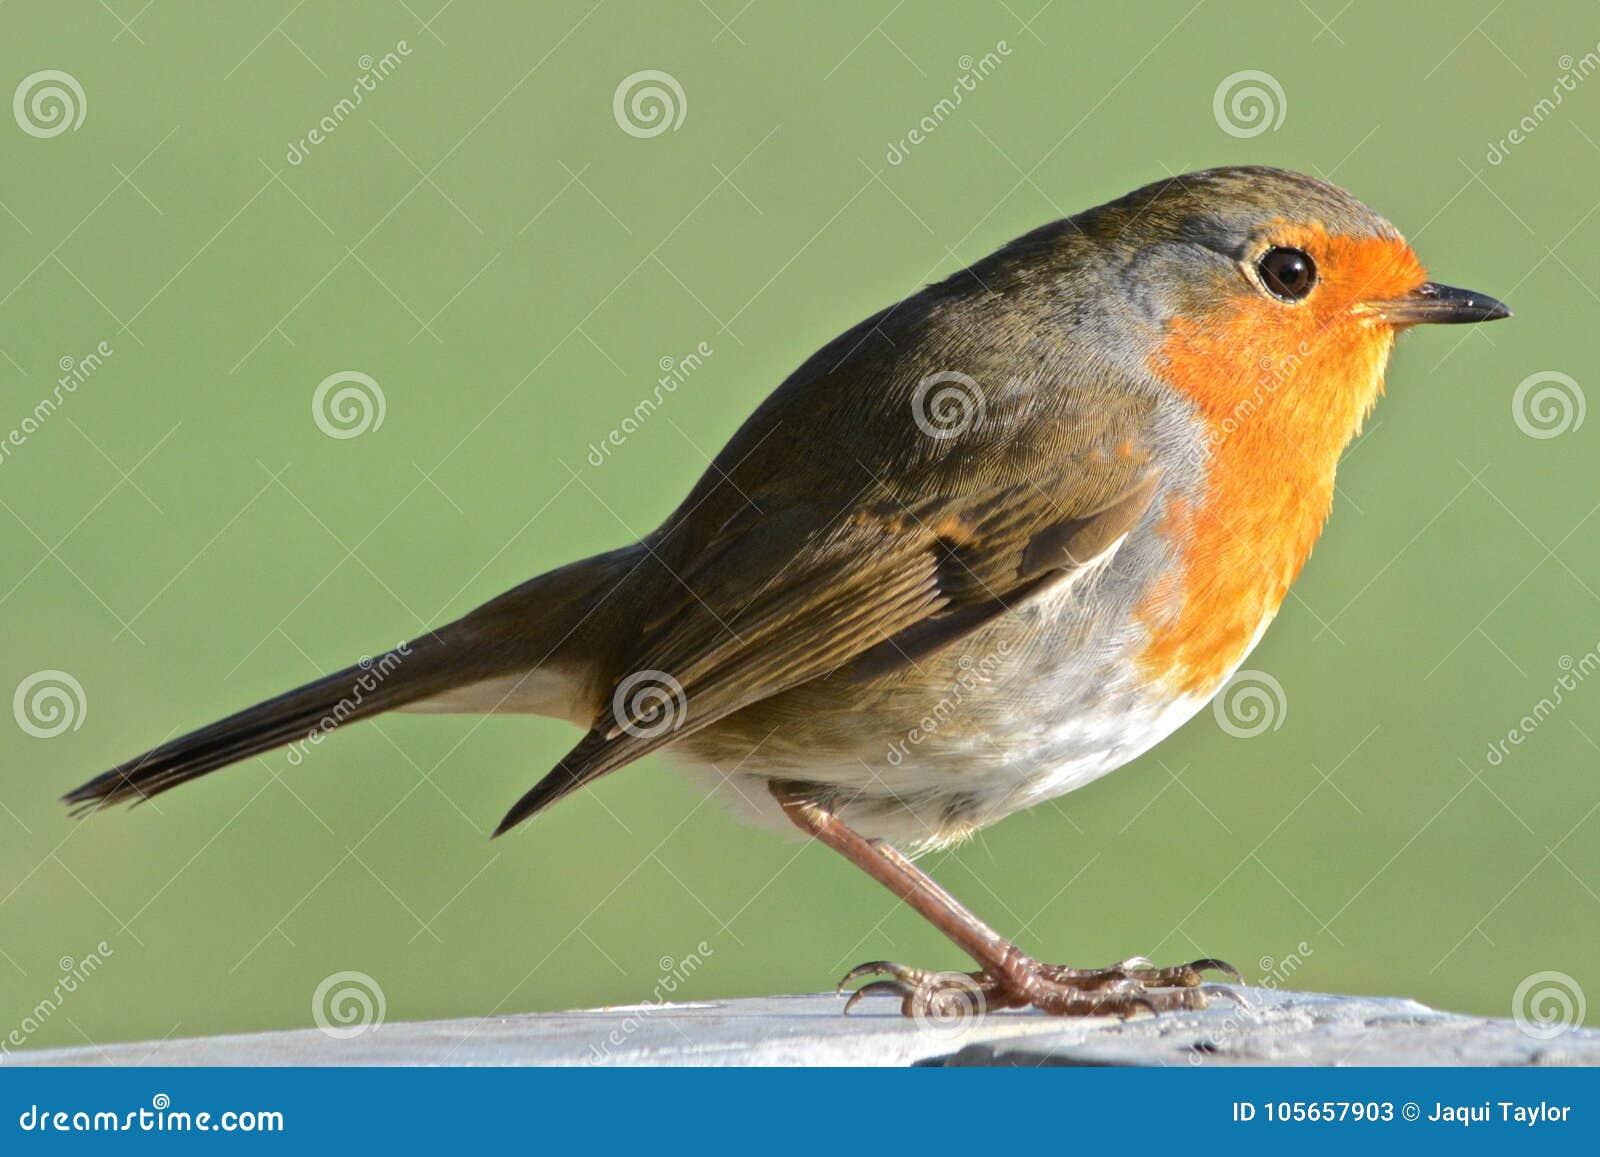 A robin on Southampton Common